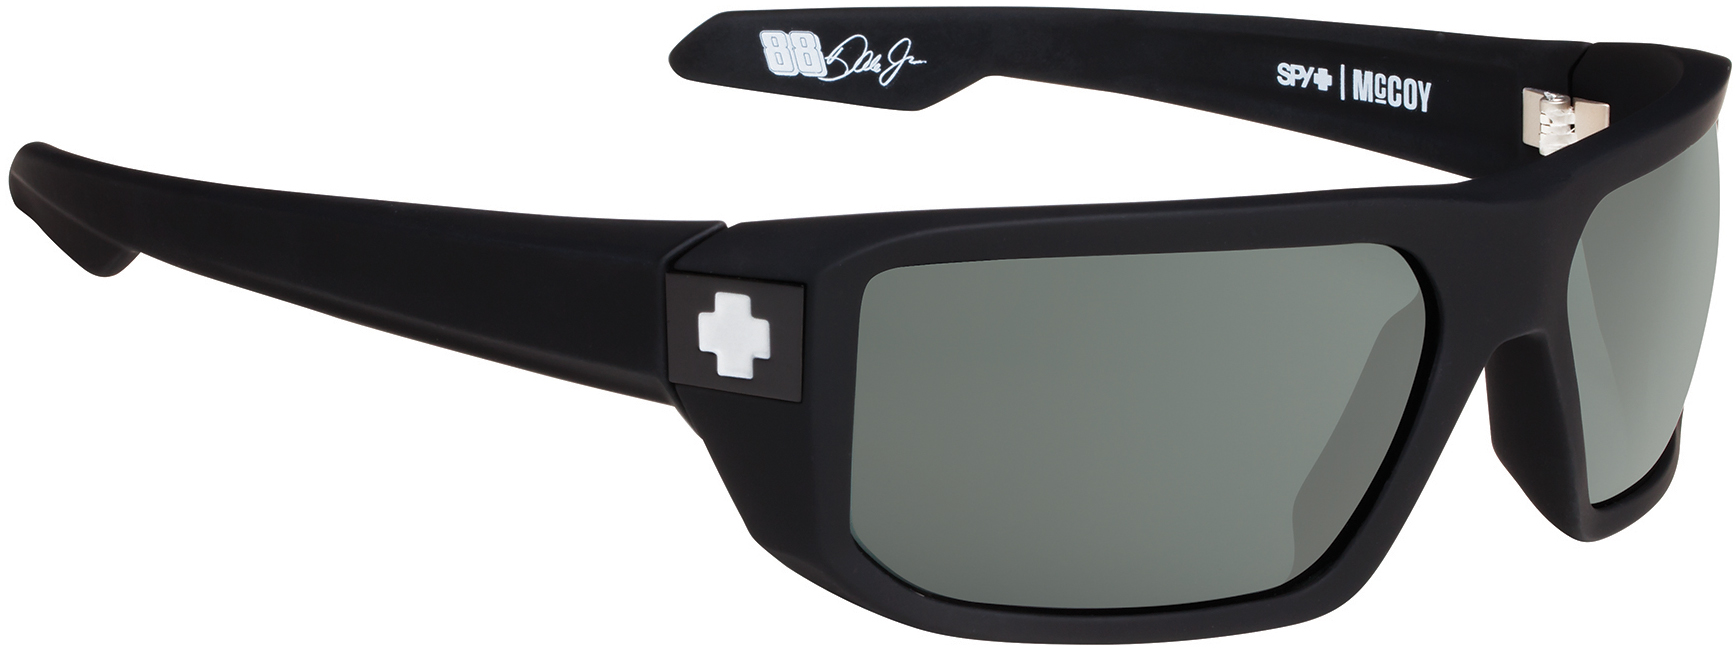 a6b1463beb Spy+ McCoy Sunglasses - Unisex